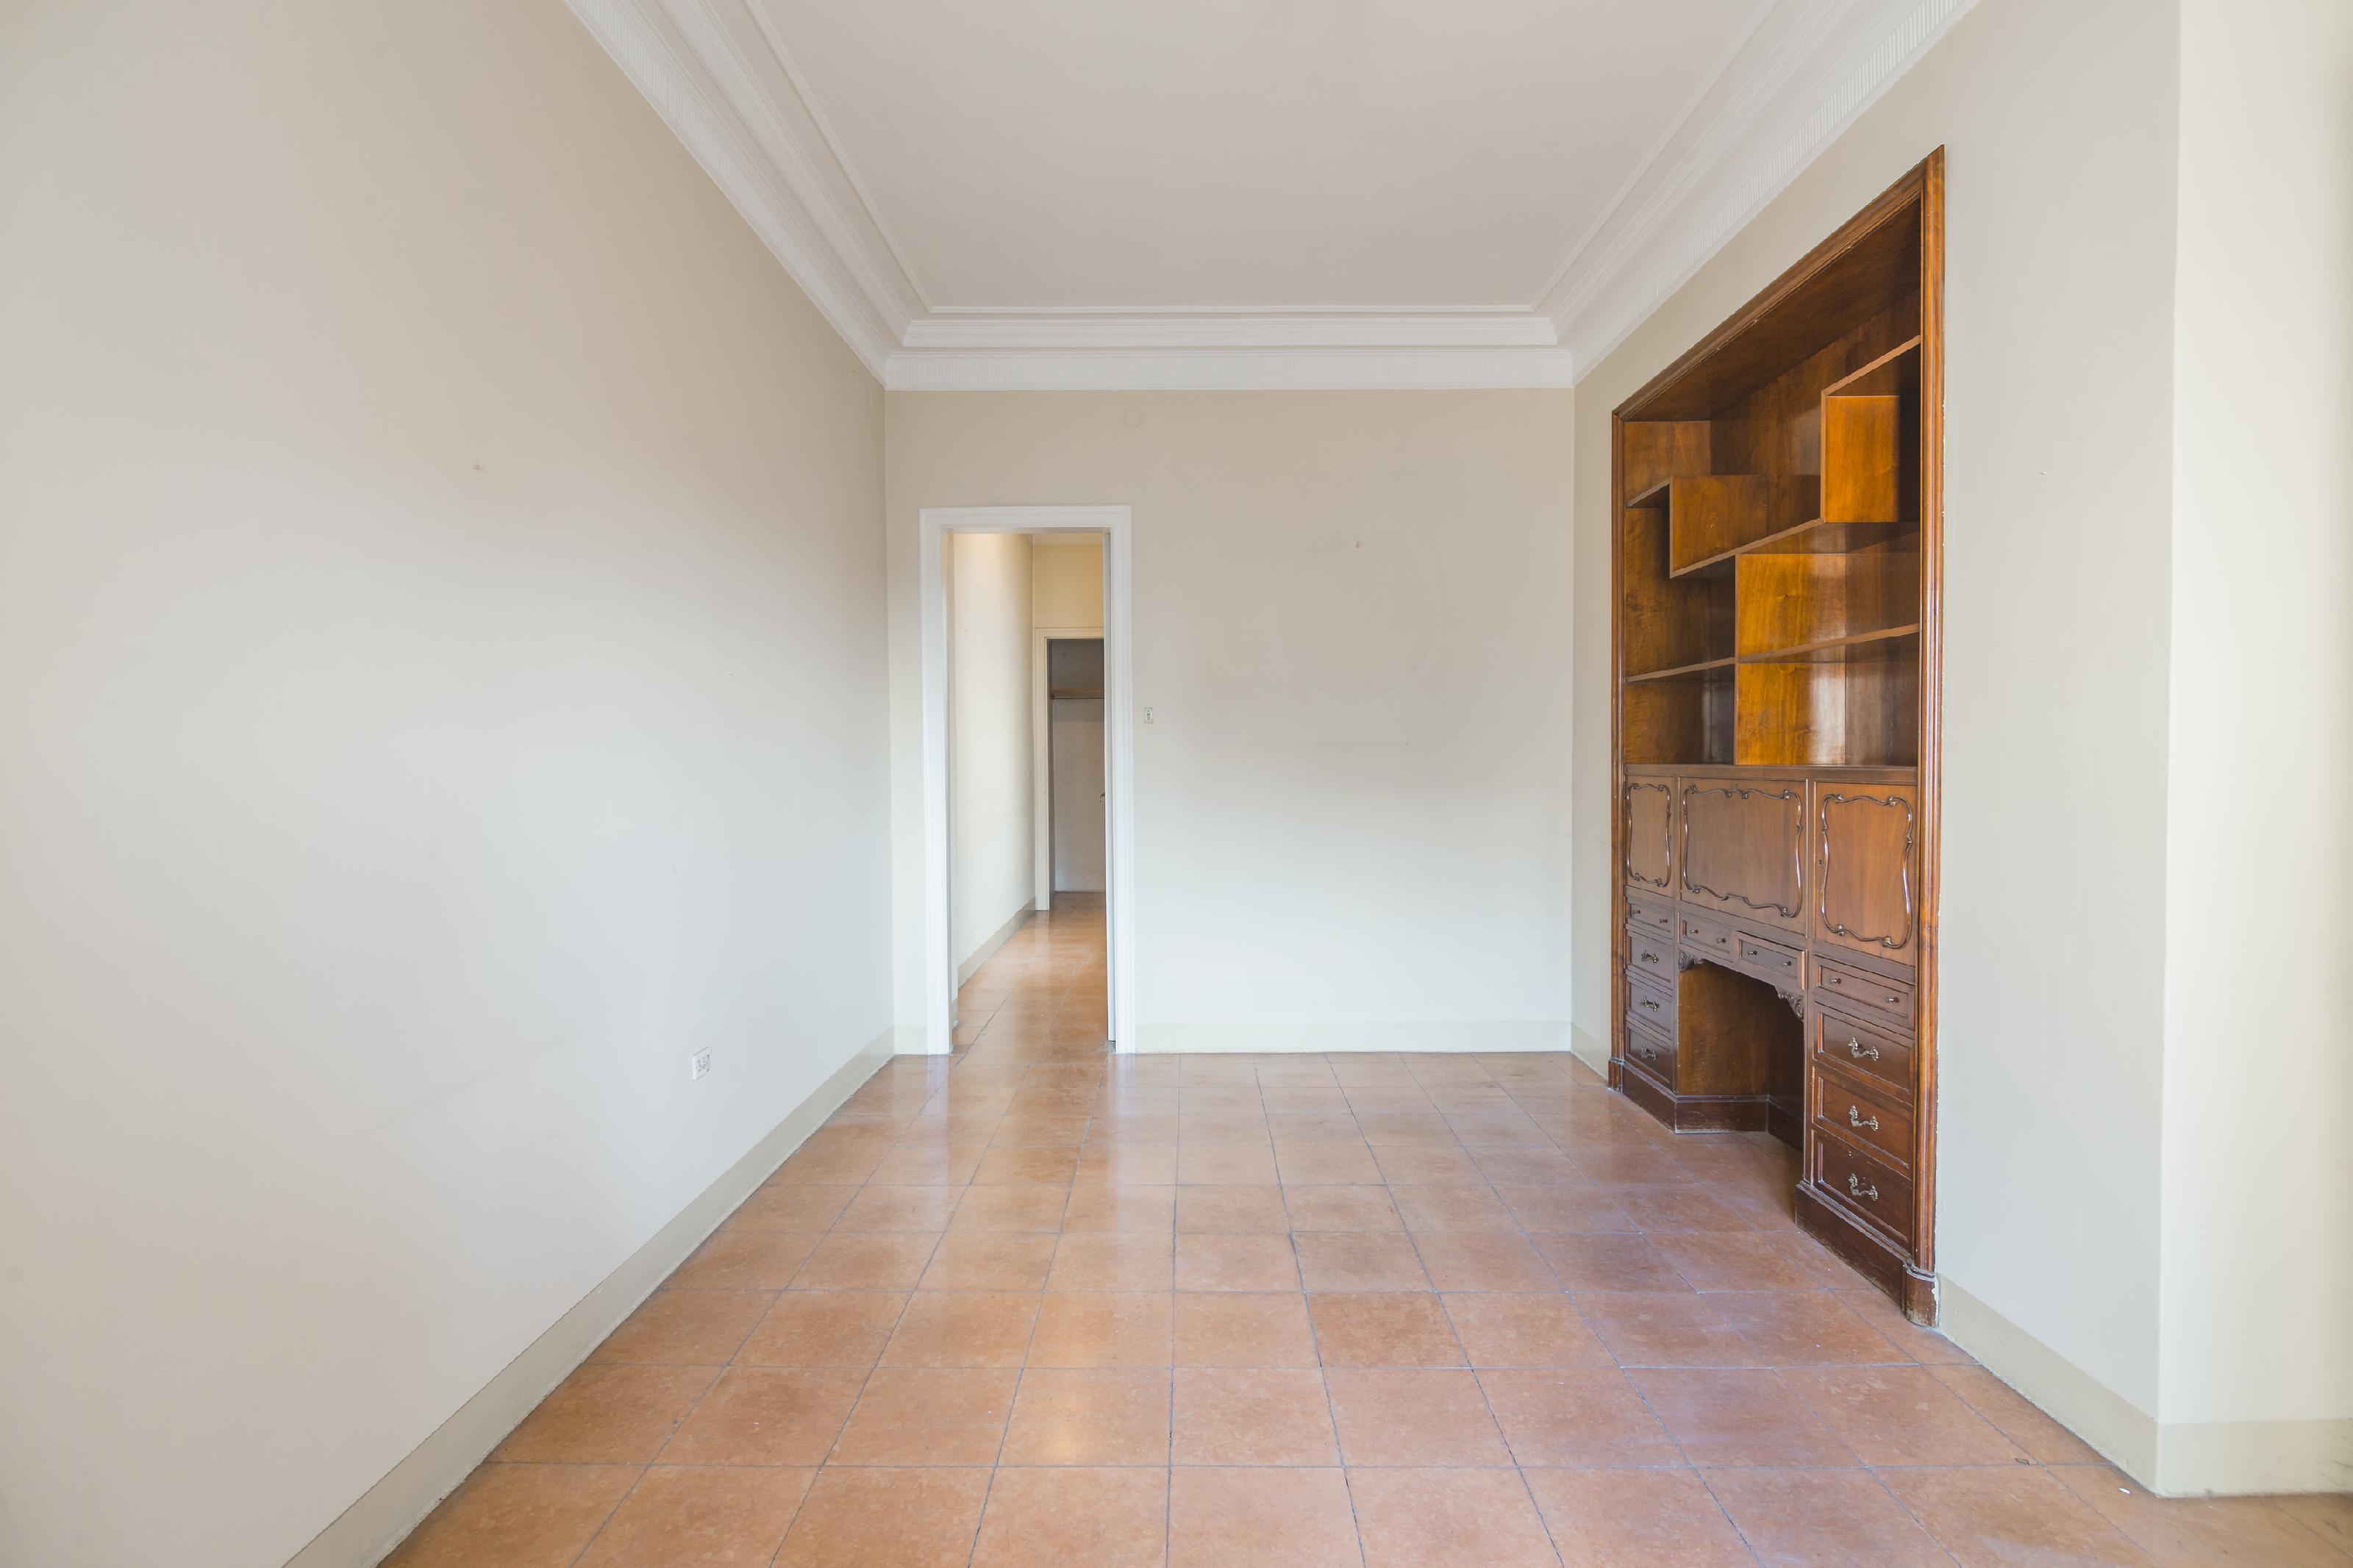 246643 Penthouse for sale in Sarrià-Sant Gervasi, St. Gervasi-Bonanova 36